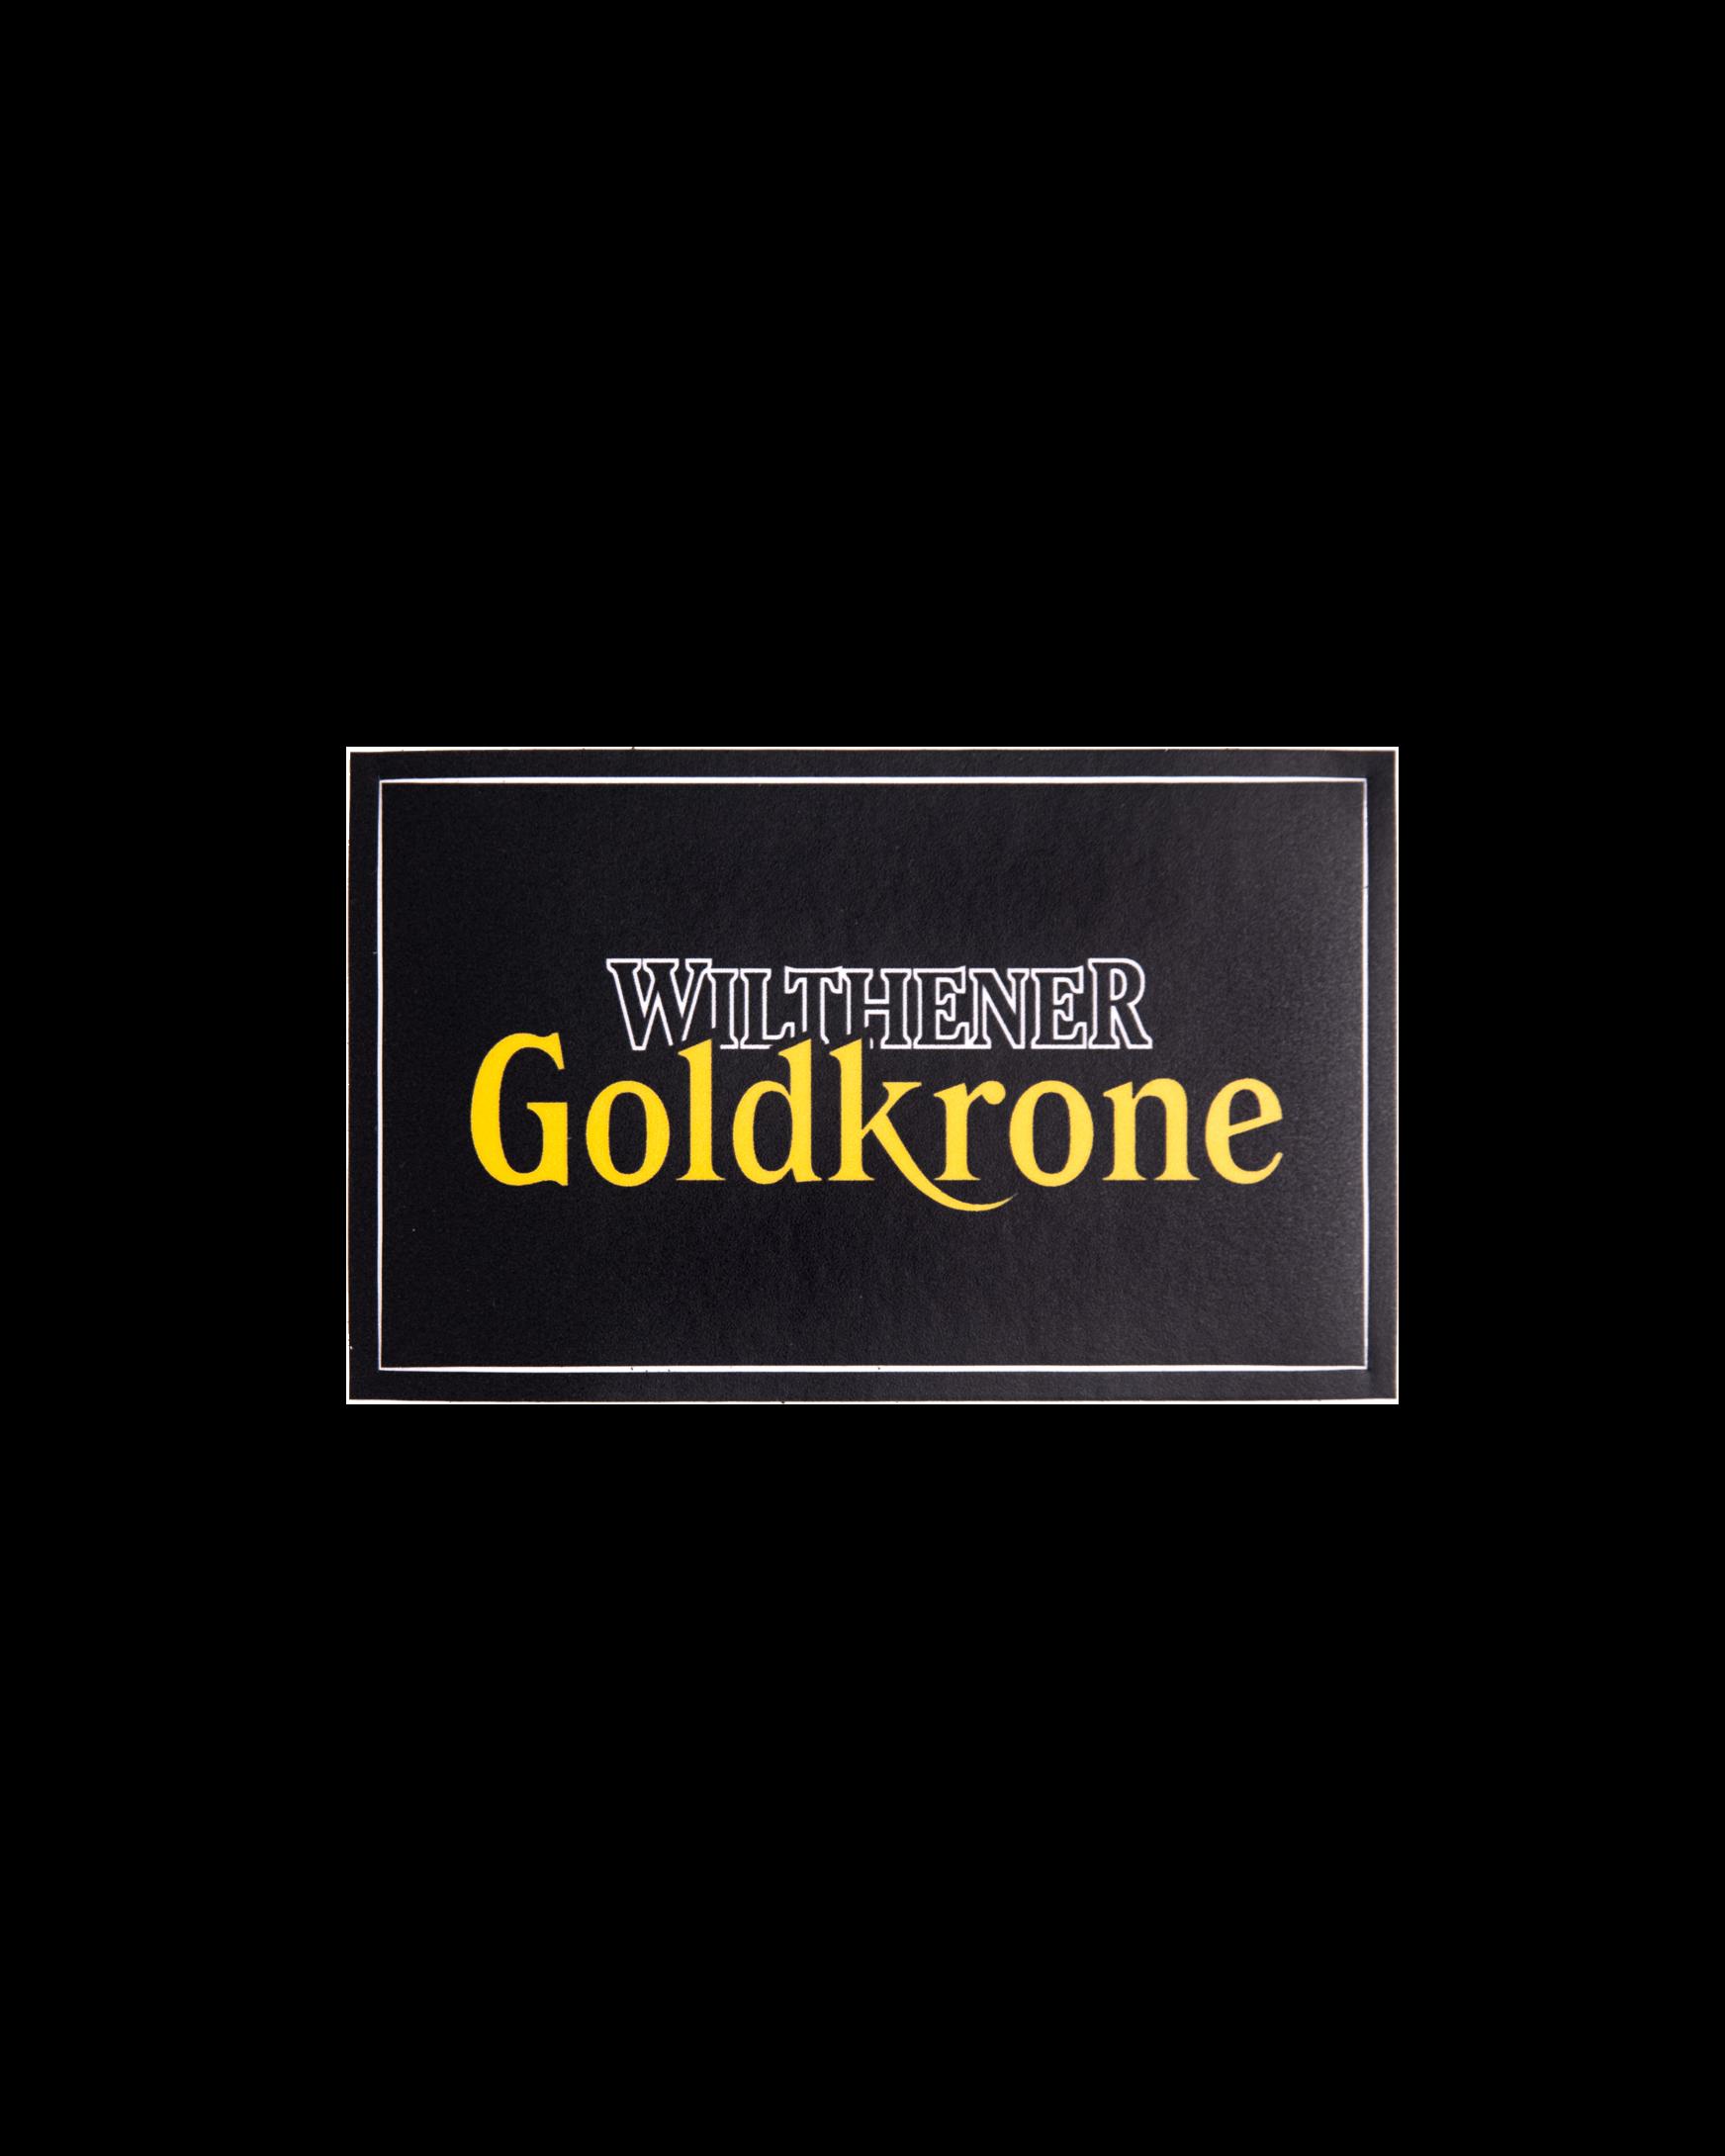 Wilthener Goldkrone 3er Mix-Sticker